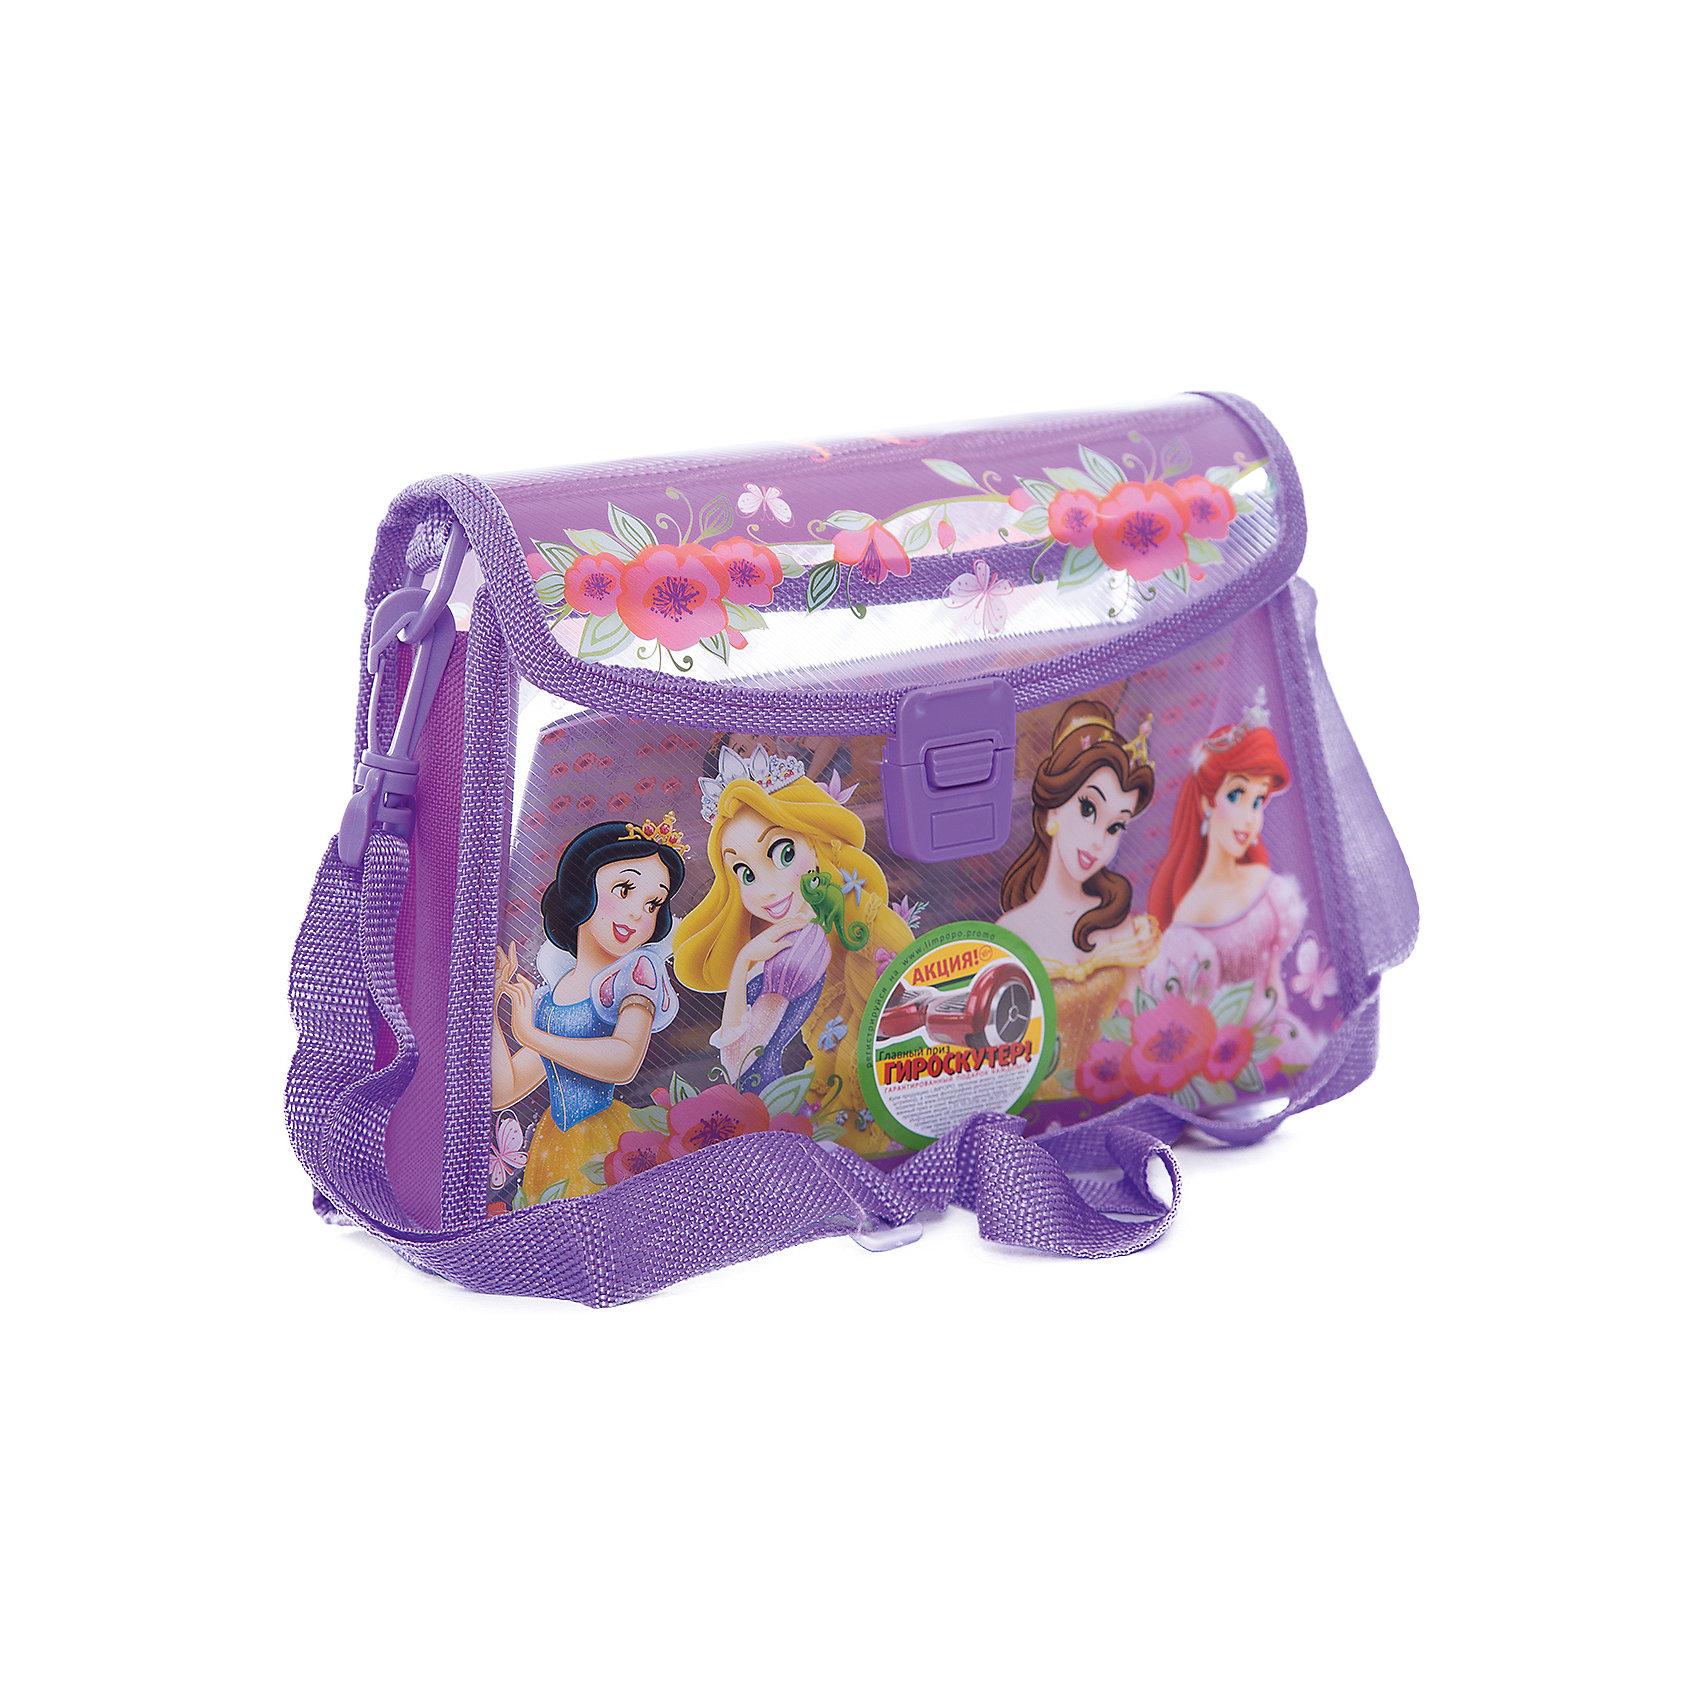 Подарочный набор Сумочка, Принцессы ДиснейНабор для творчества Модная сумочка - замечательный аксессуар для маленьких девочек в стиле Принцессы Дисней Внутри набора - полный комплект инструментов для творчества, а также раскраски и наклейки. Состав: 24 фломастера, 12 мелков, книжка-раскраска.<br><br>Ширина мм: 260<br>Глубина мм: 70<br>Высота мм: 170<br>Вес г: 304<br>Возраст от месяцев: 48<br>Возраст до месяцев: 144<br>Пол: Женский<br>Возраст: Детский<br>SKU: 5390299